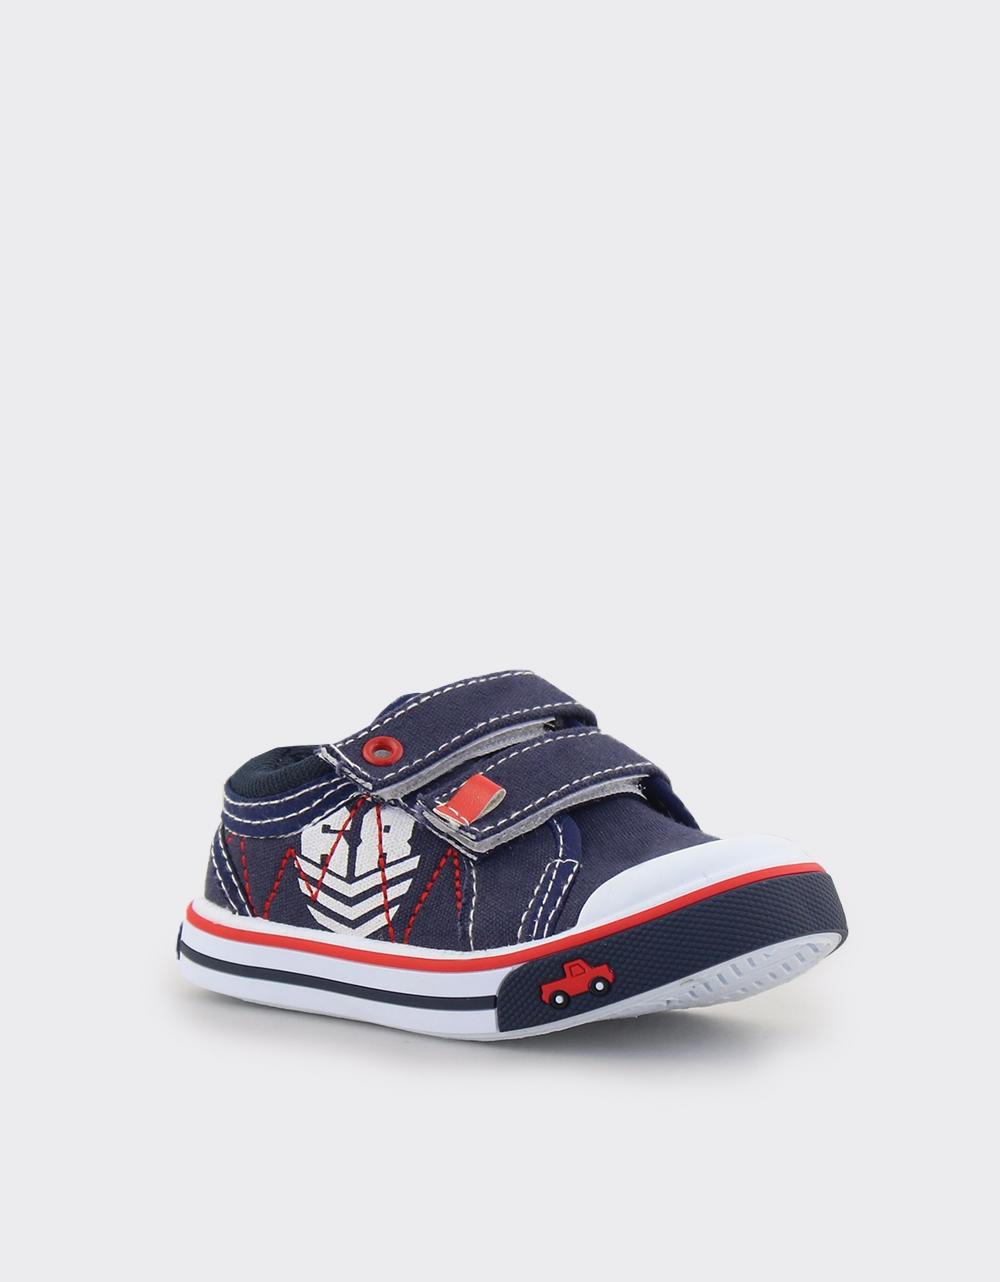 Εικόνα από Παιδικά sneakers με διπλά αυτοκόλλητα Navy